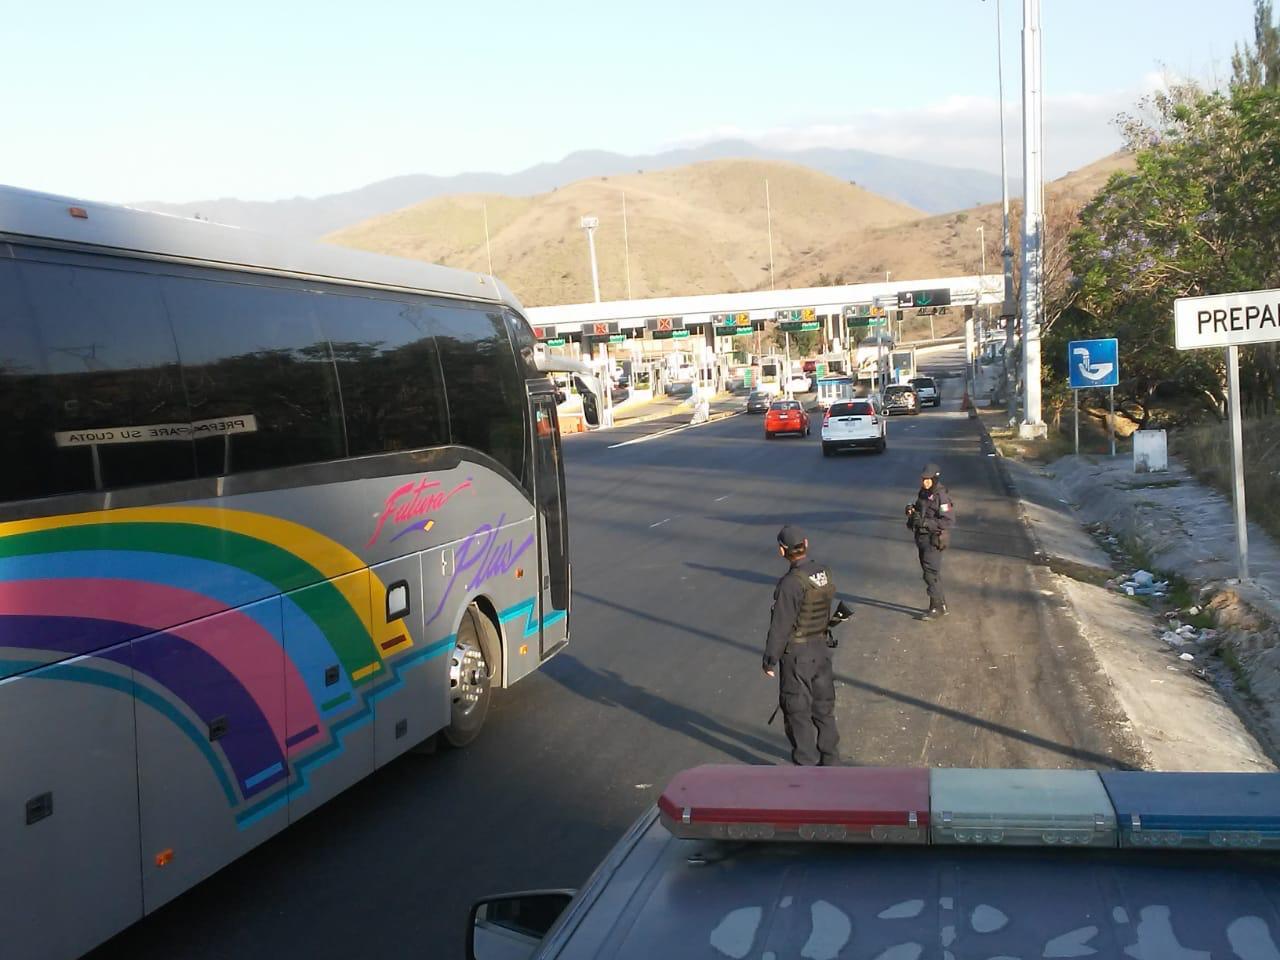 Excelente repunte en la ocupación hotelera; El Acapulco Dorado al 91.4% e Ixtapa al 86.1%